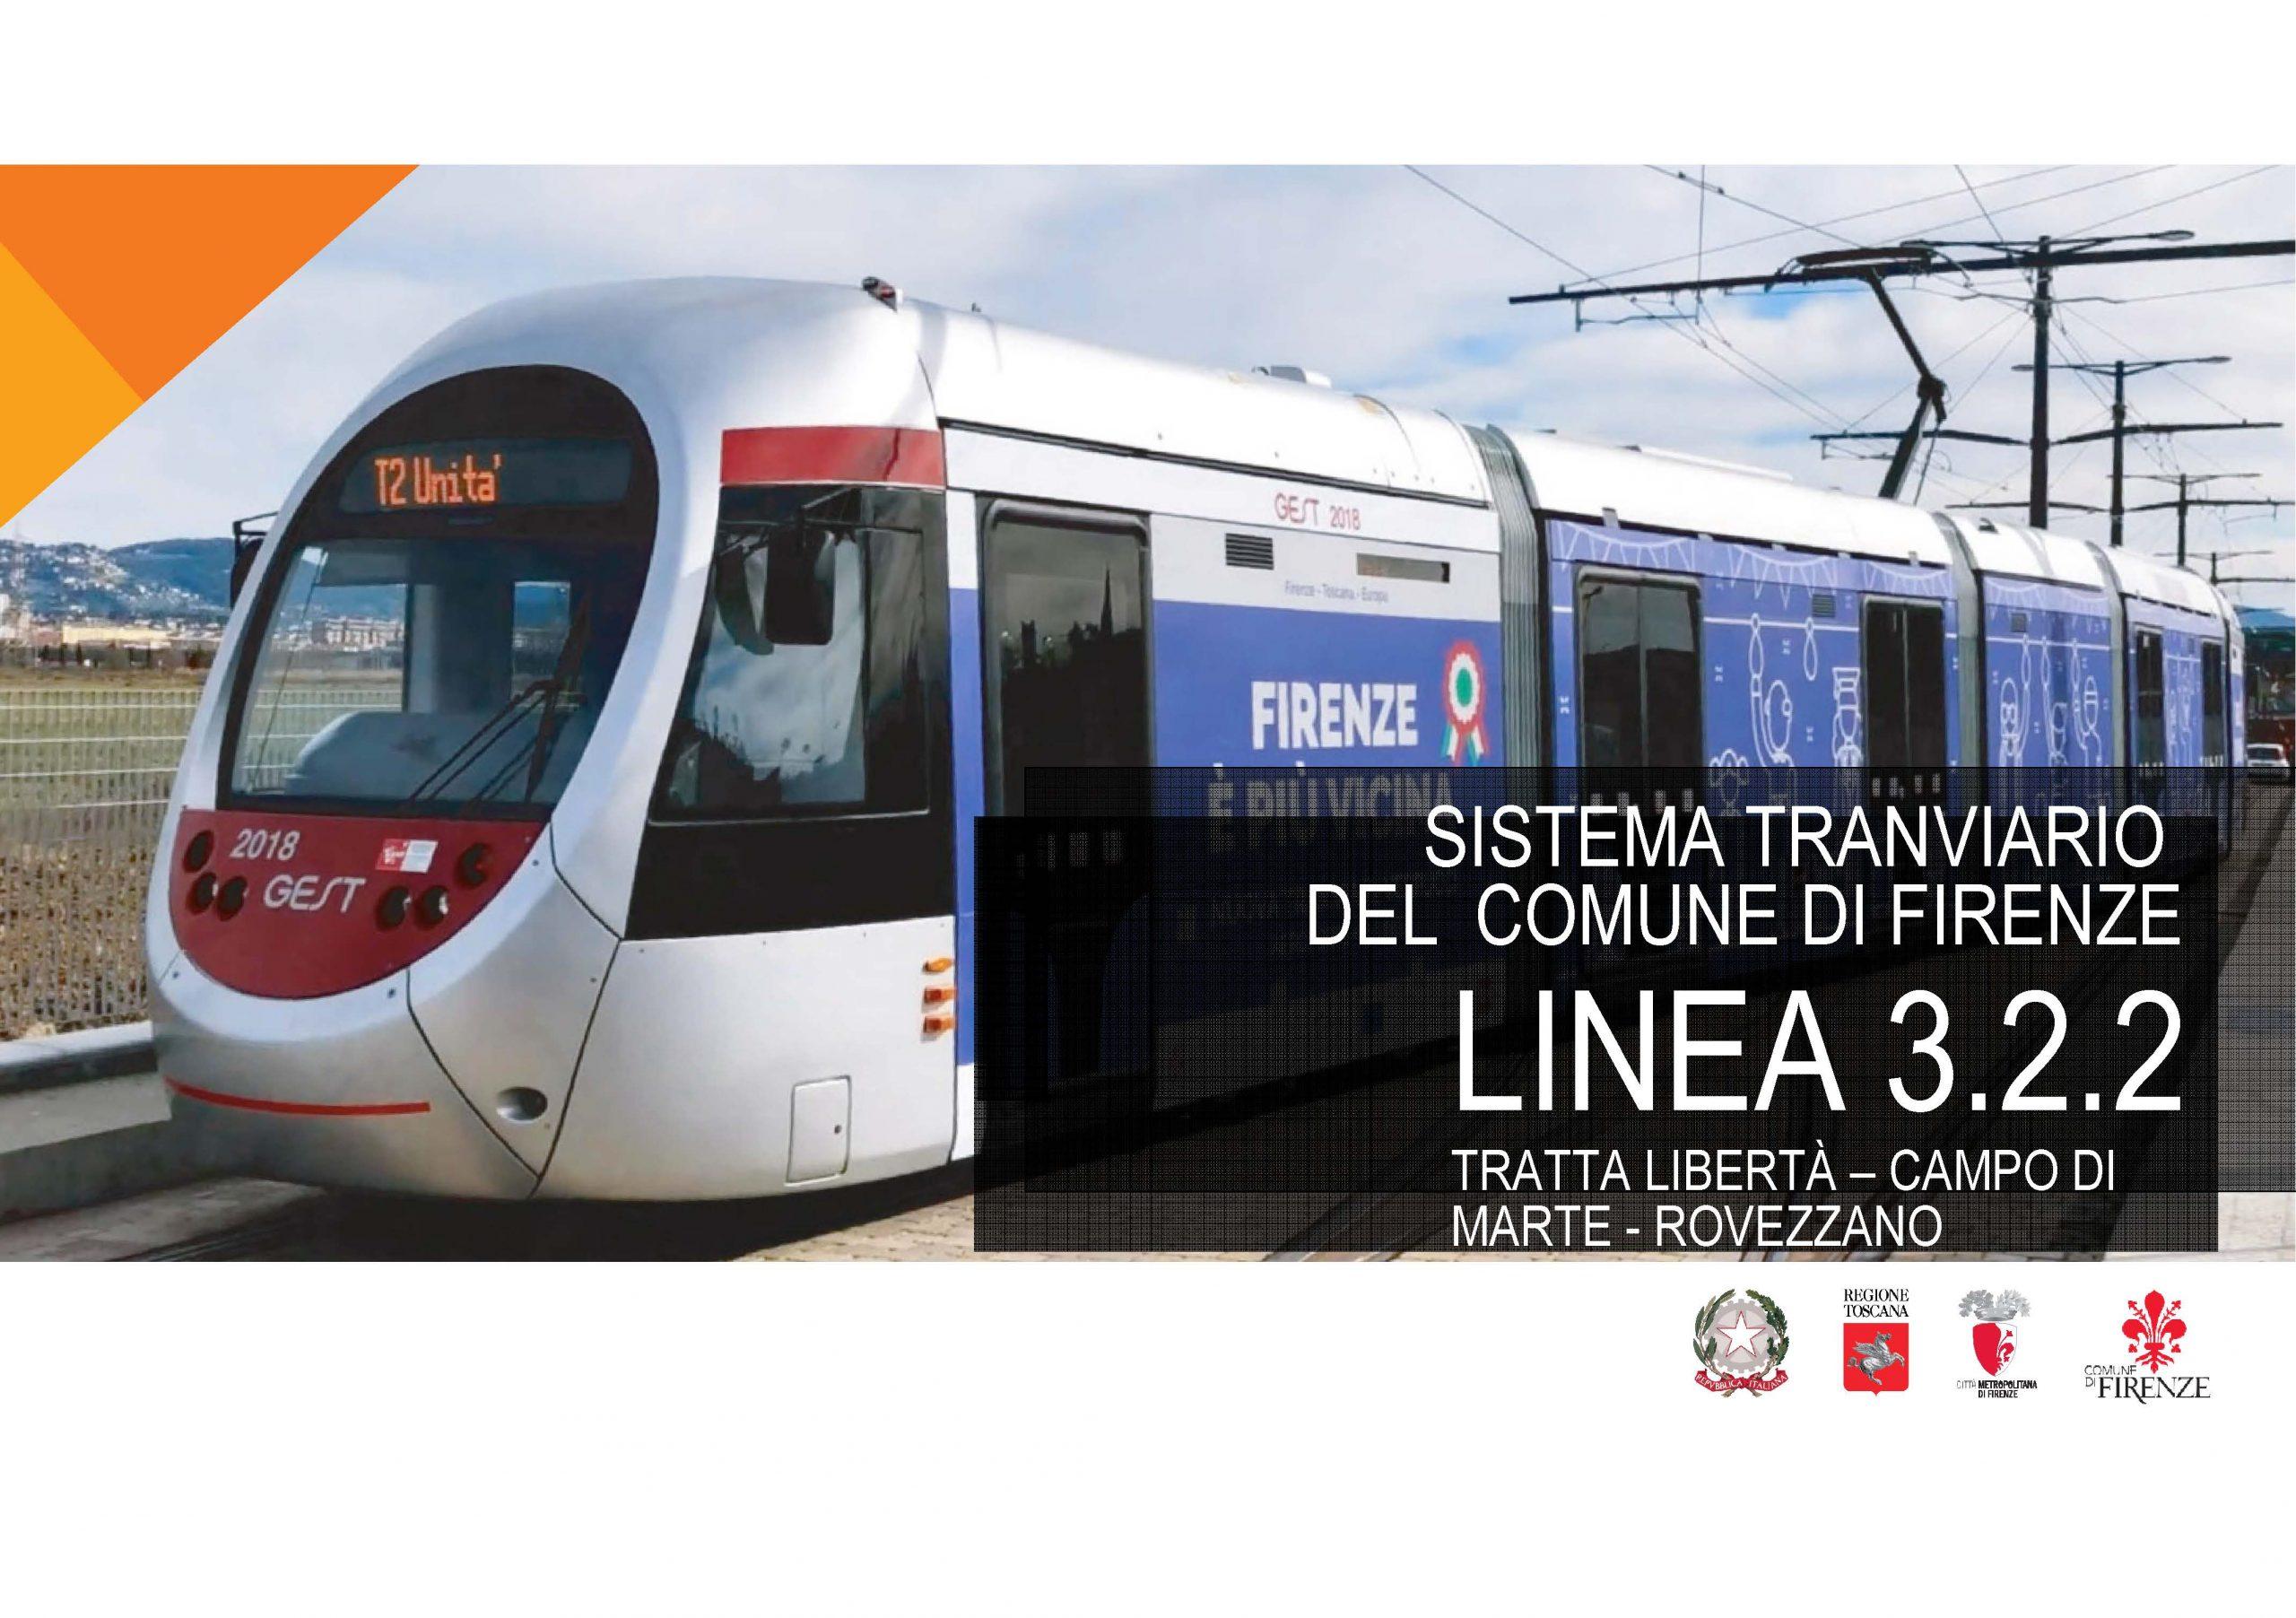 linea 3.2.2